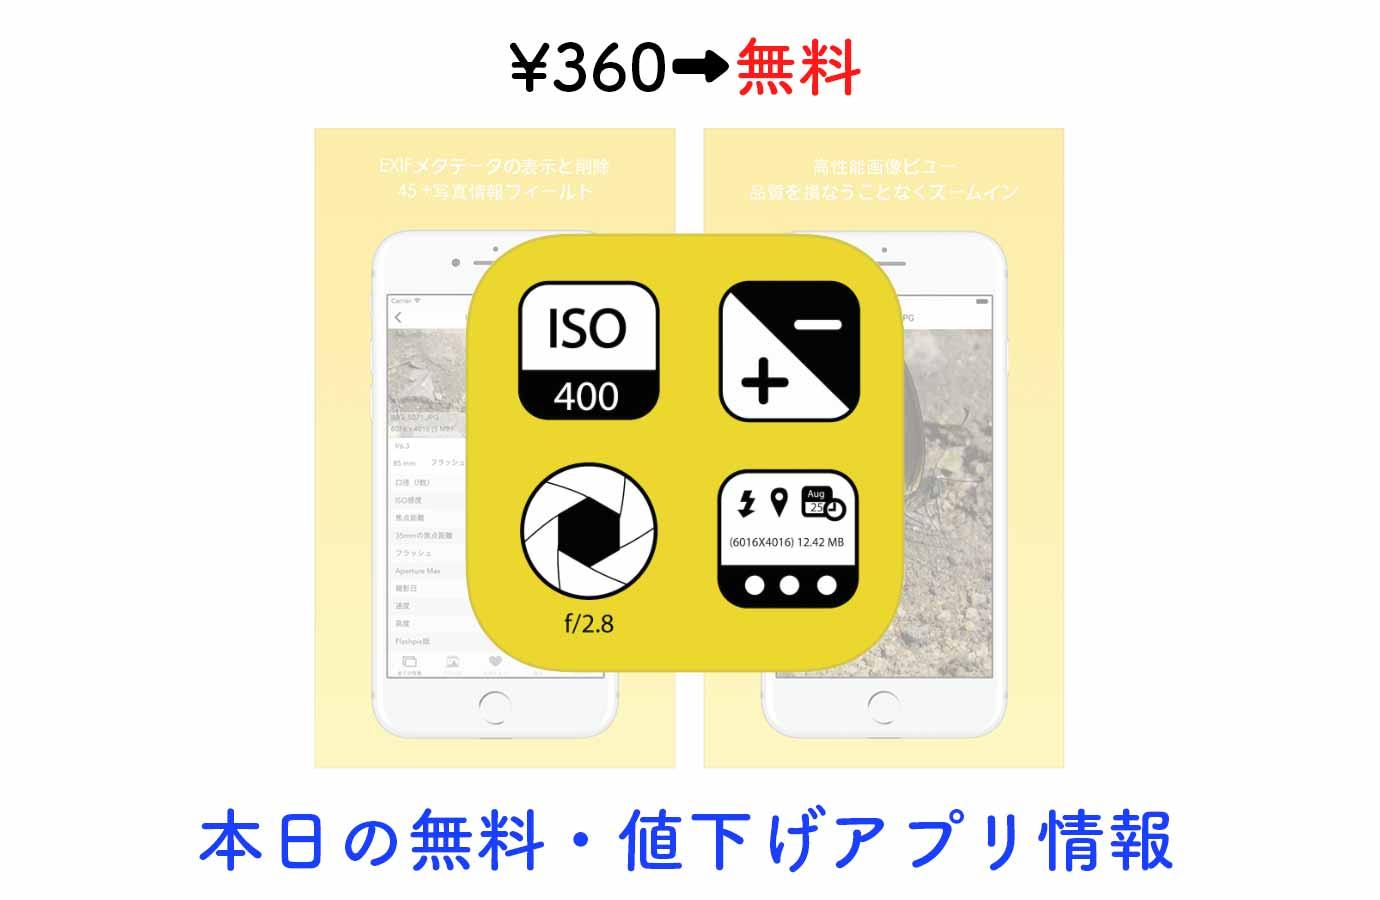 ¥360→無料、写真の位置情報などのExifデータを確認・削除できる「Exif Viewer」など【9/15】本日の無料・値下げアプリ情報